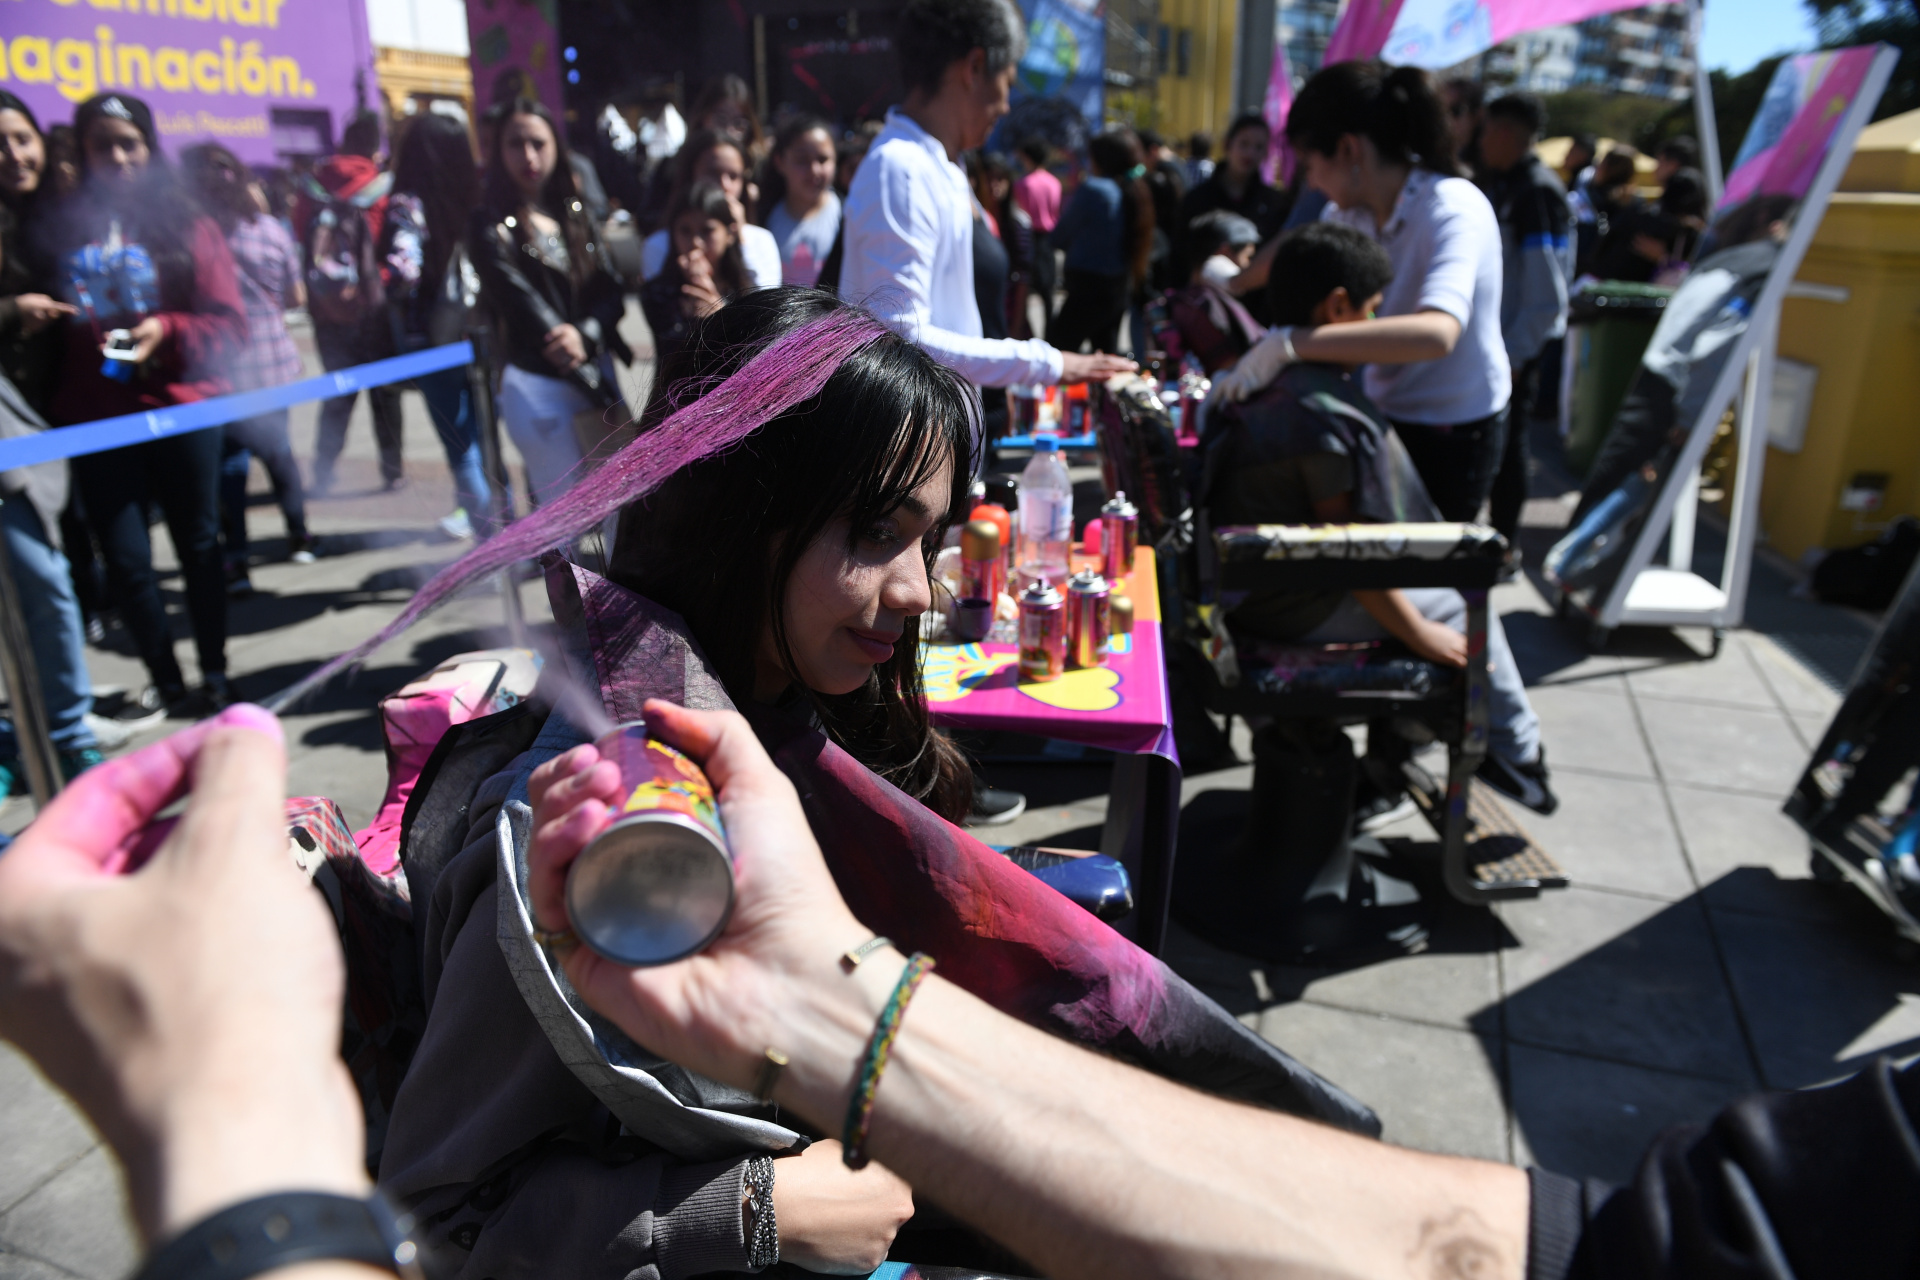 Para quienes quieran teñir su pelo con aerosol, pueden hacerlo en la terraza del Centro Cultural Recoleta en diferentes colores. Esta fue una de las atracciones más divertidas para las chicasy los varones